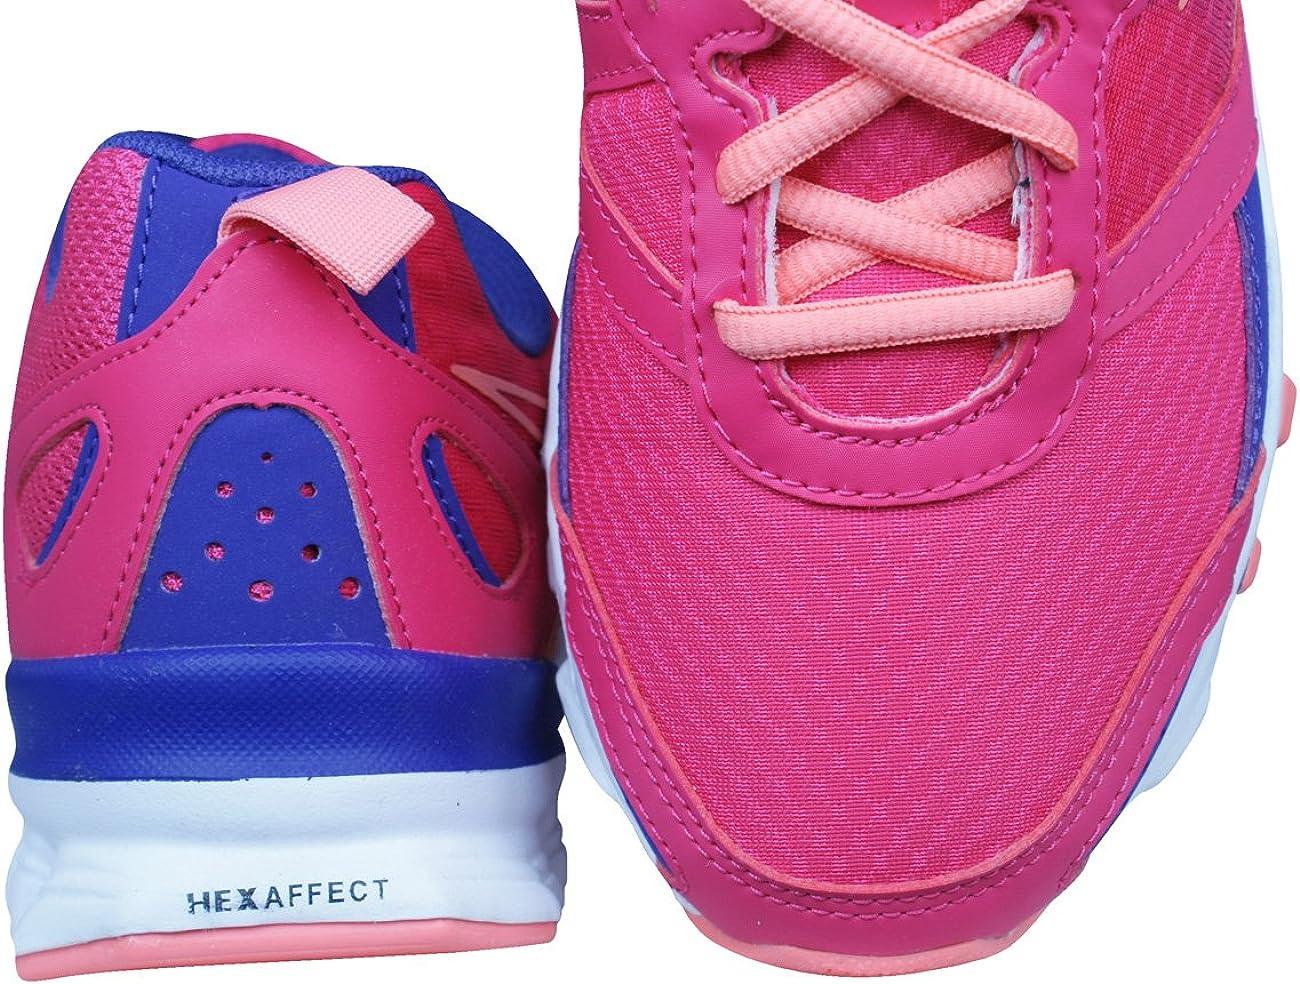 Reebok Hexaffect Run Girls Running Trainers//Shoes